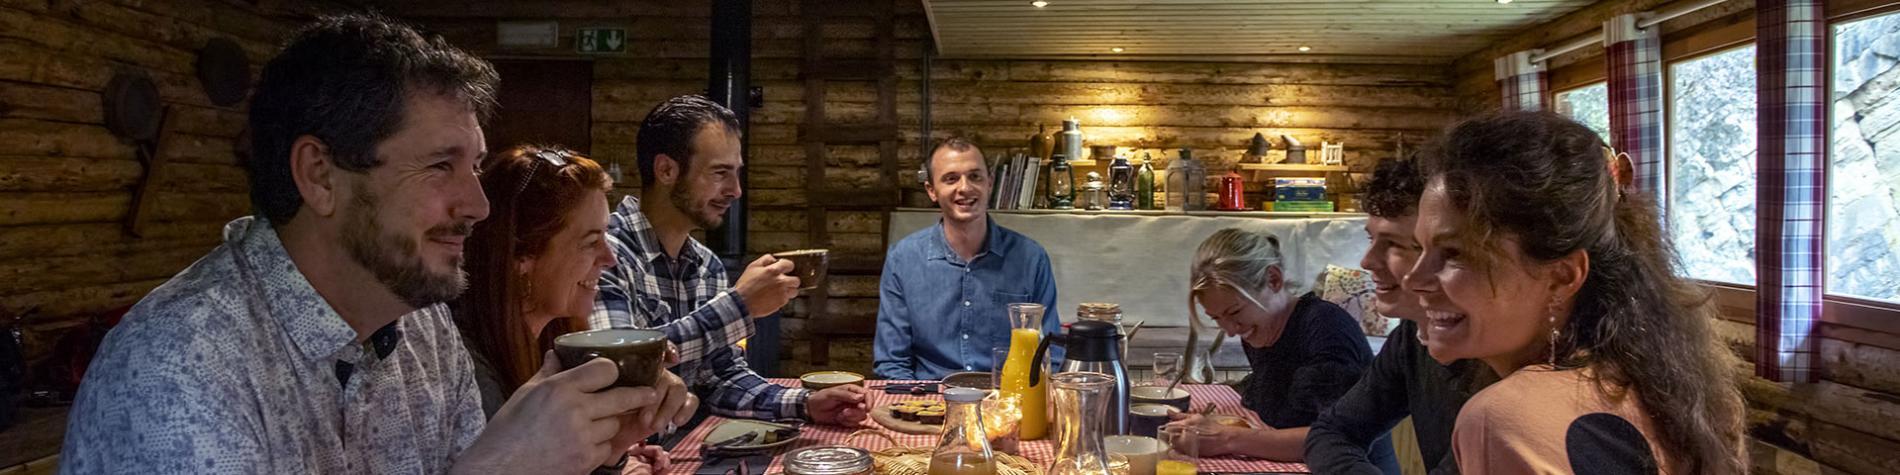 Famille - amis - table - déjeuner - Grottes de Han